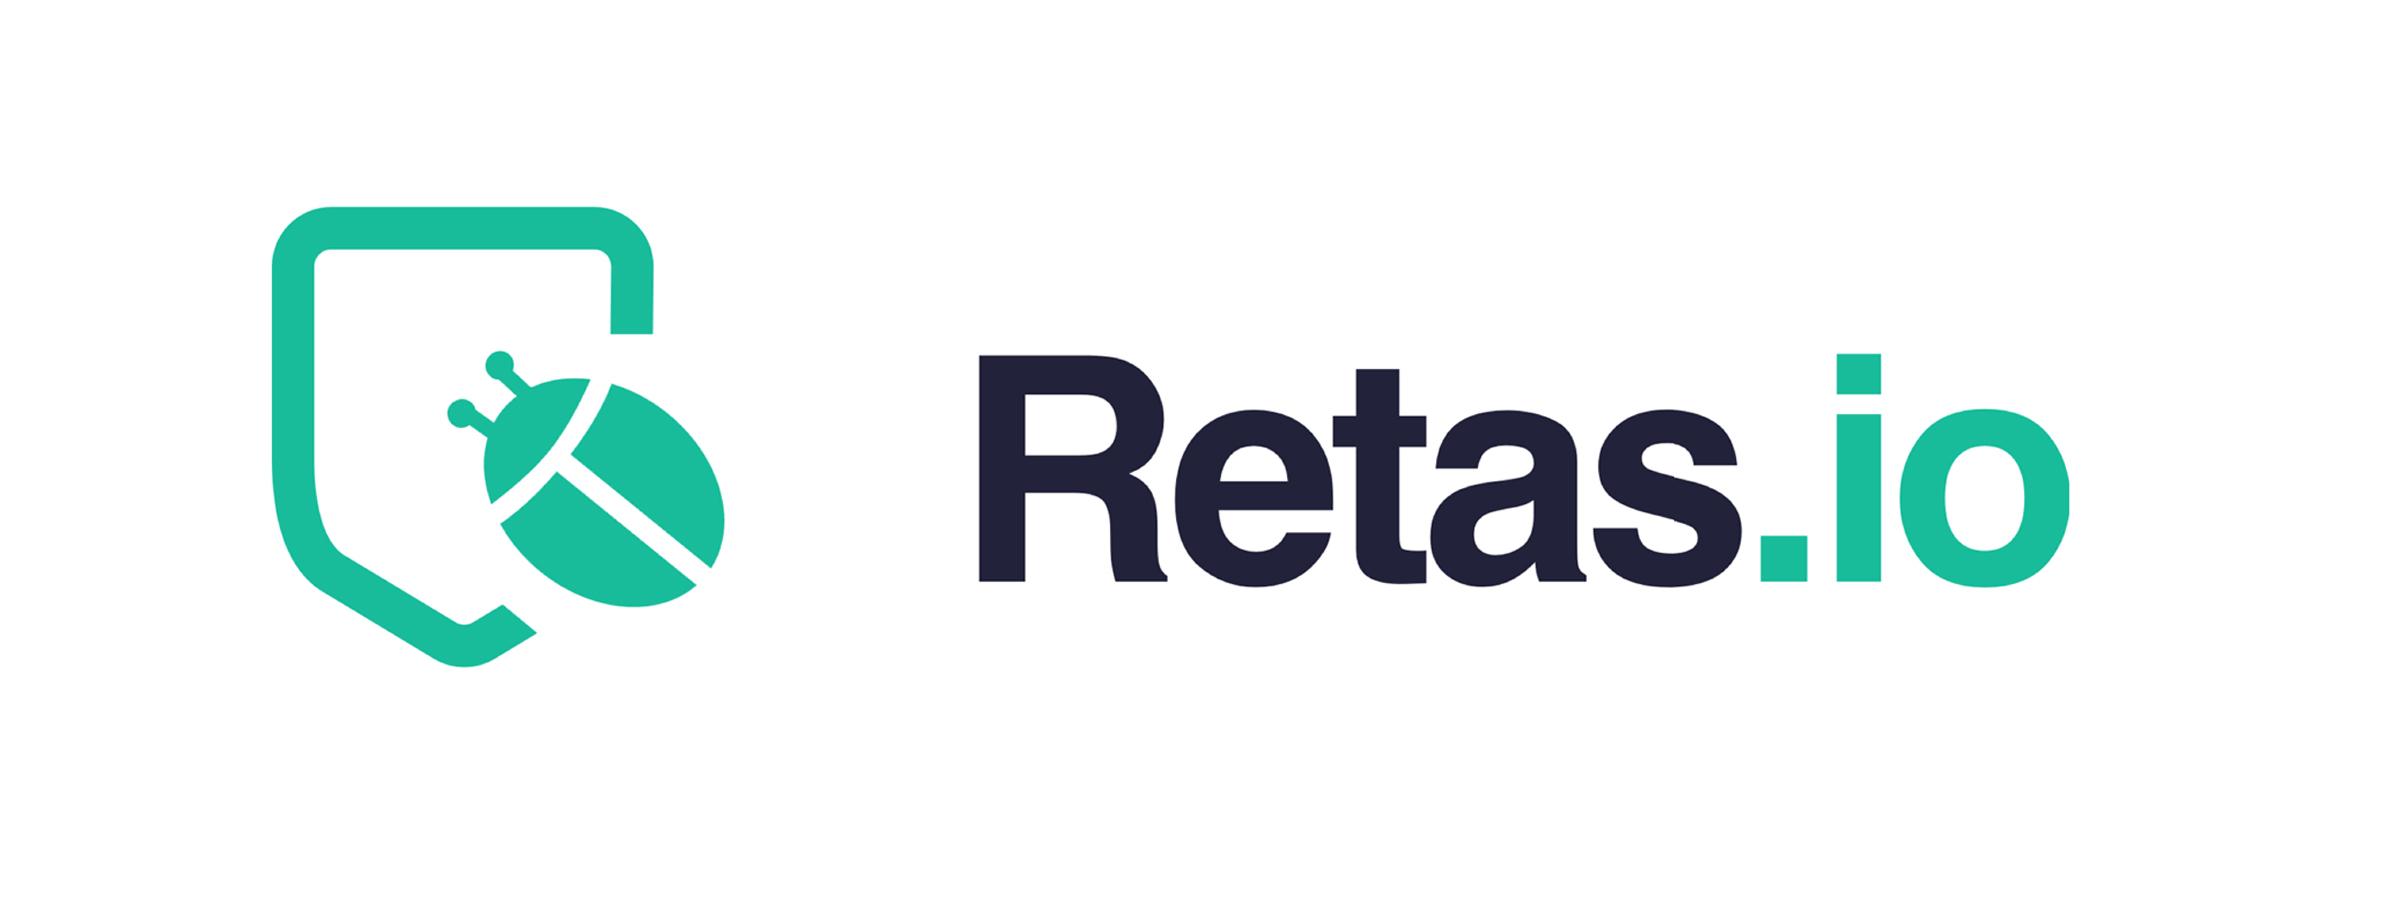 Retas.io :  Solusi Keamanan Digital Untuk Segala Lini